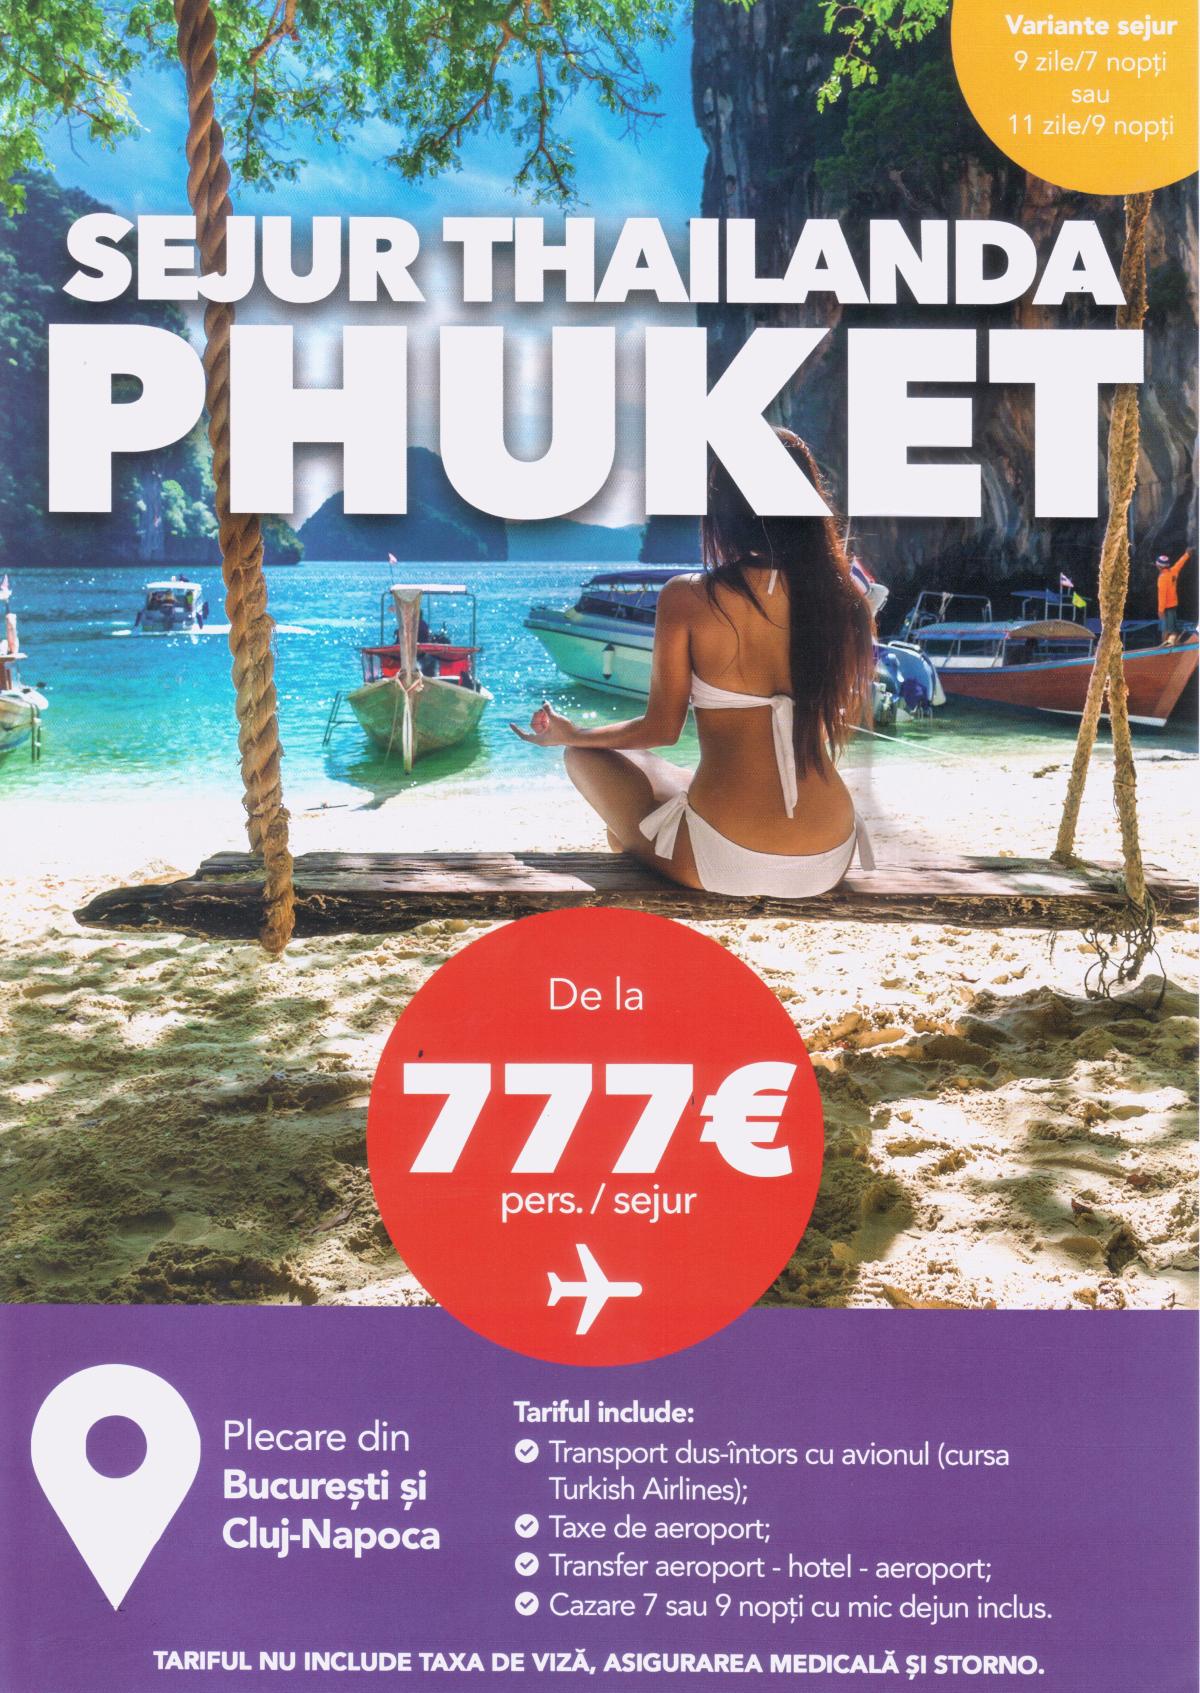 Sejur Phuket Thailanda